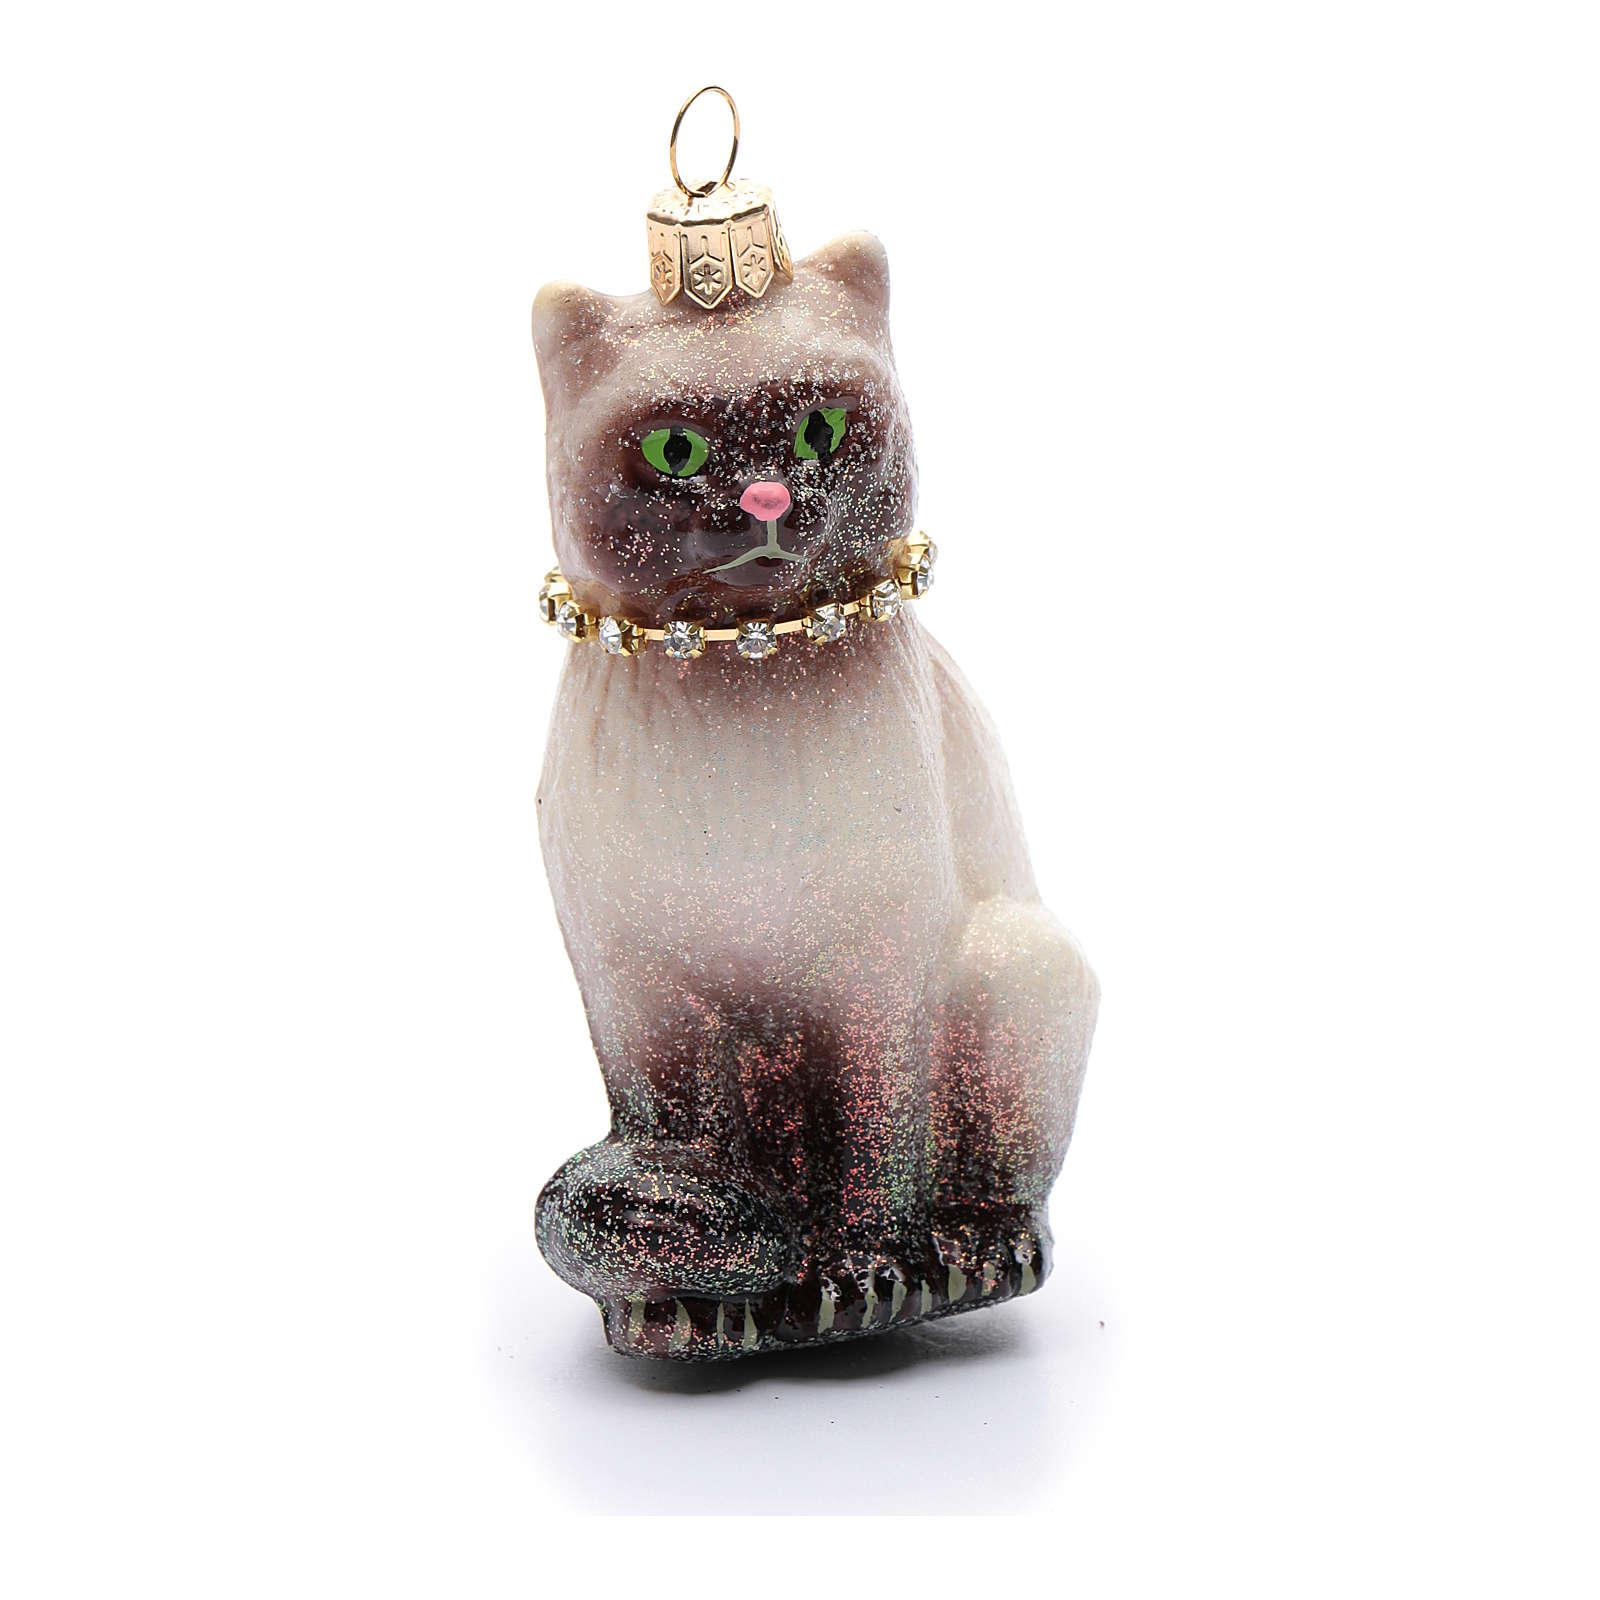 Décoration pour sapin de Noël verre soufflé chat siamois 4